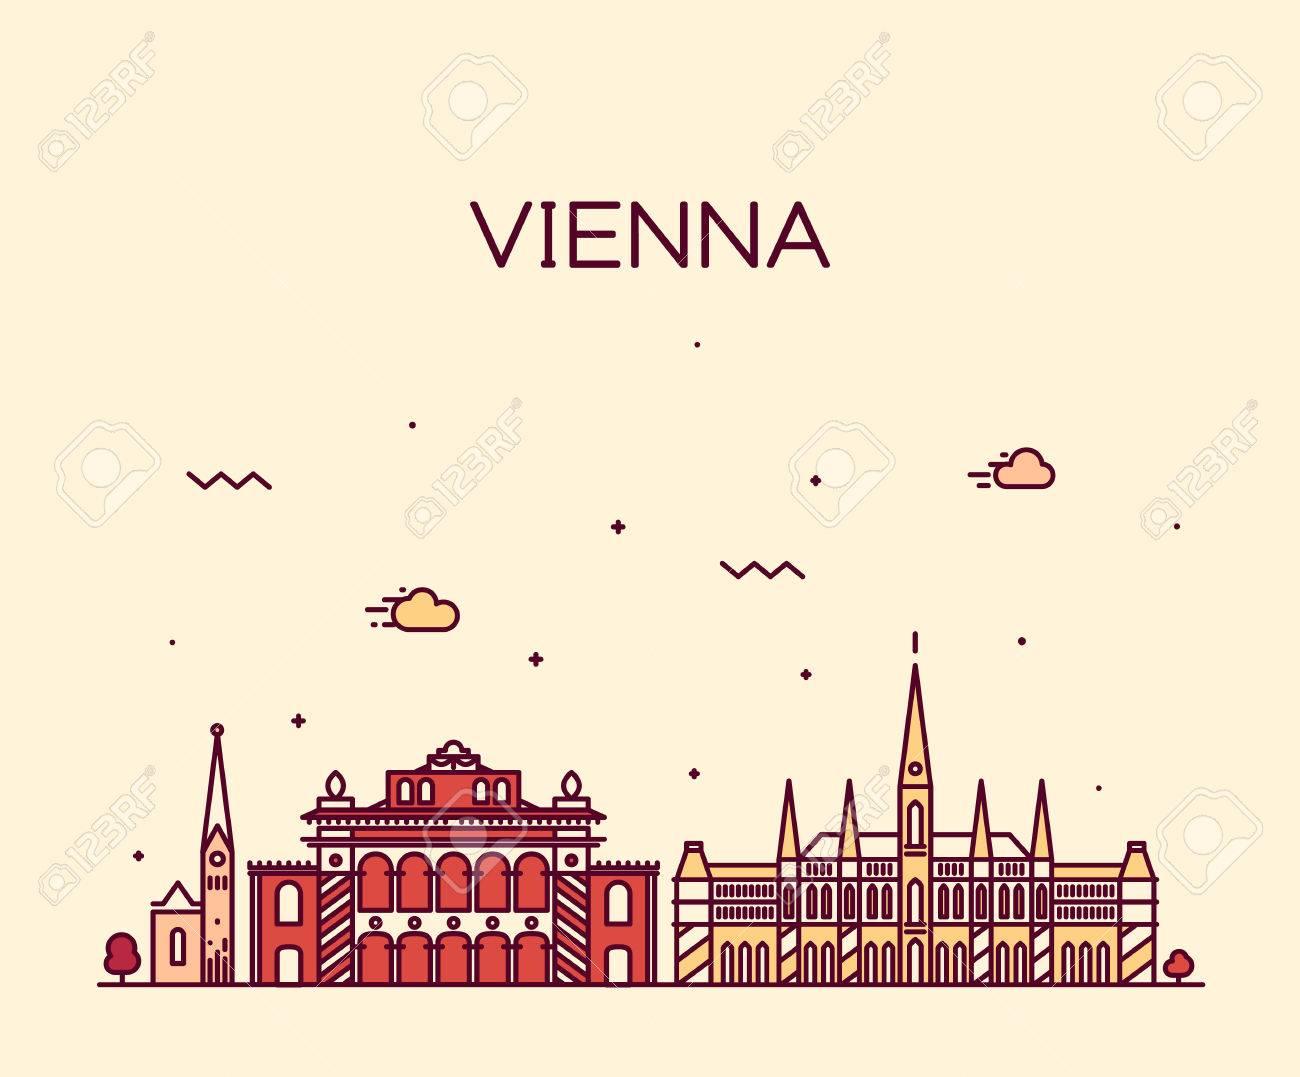 تحصیل پزشکی در اتریش به زبان انگلیسی